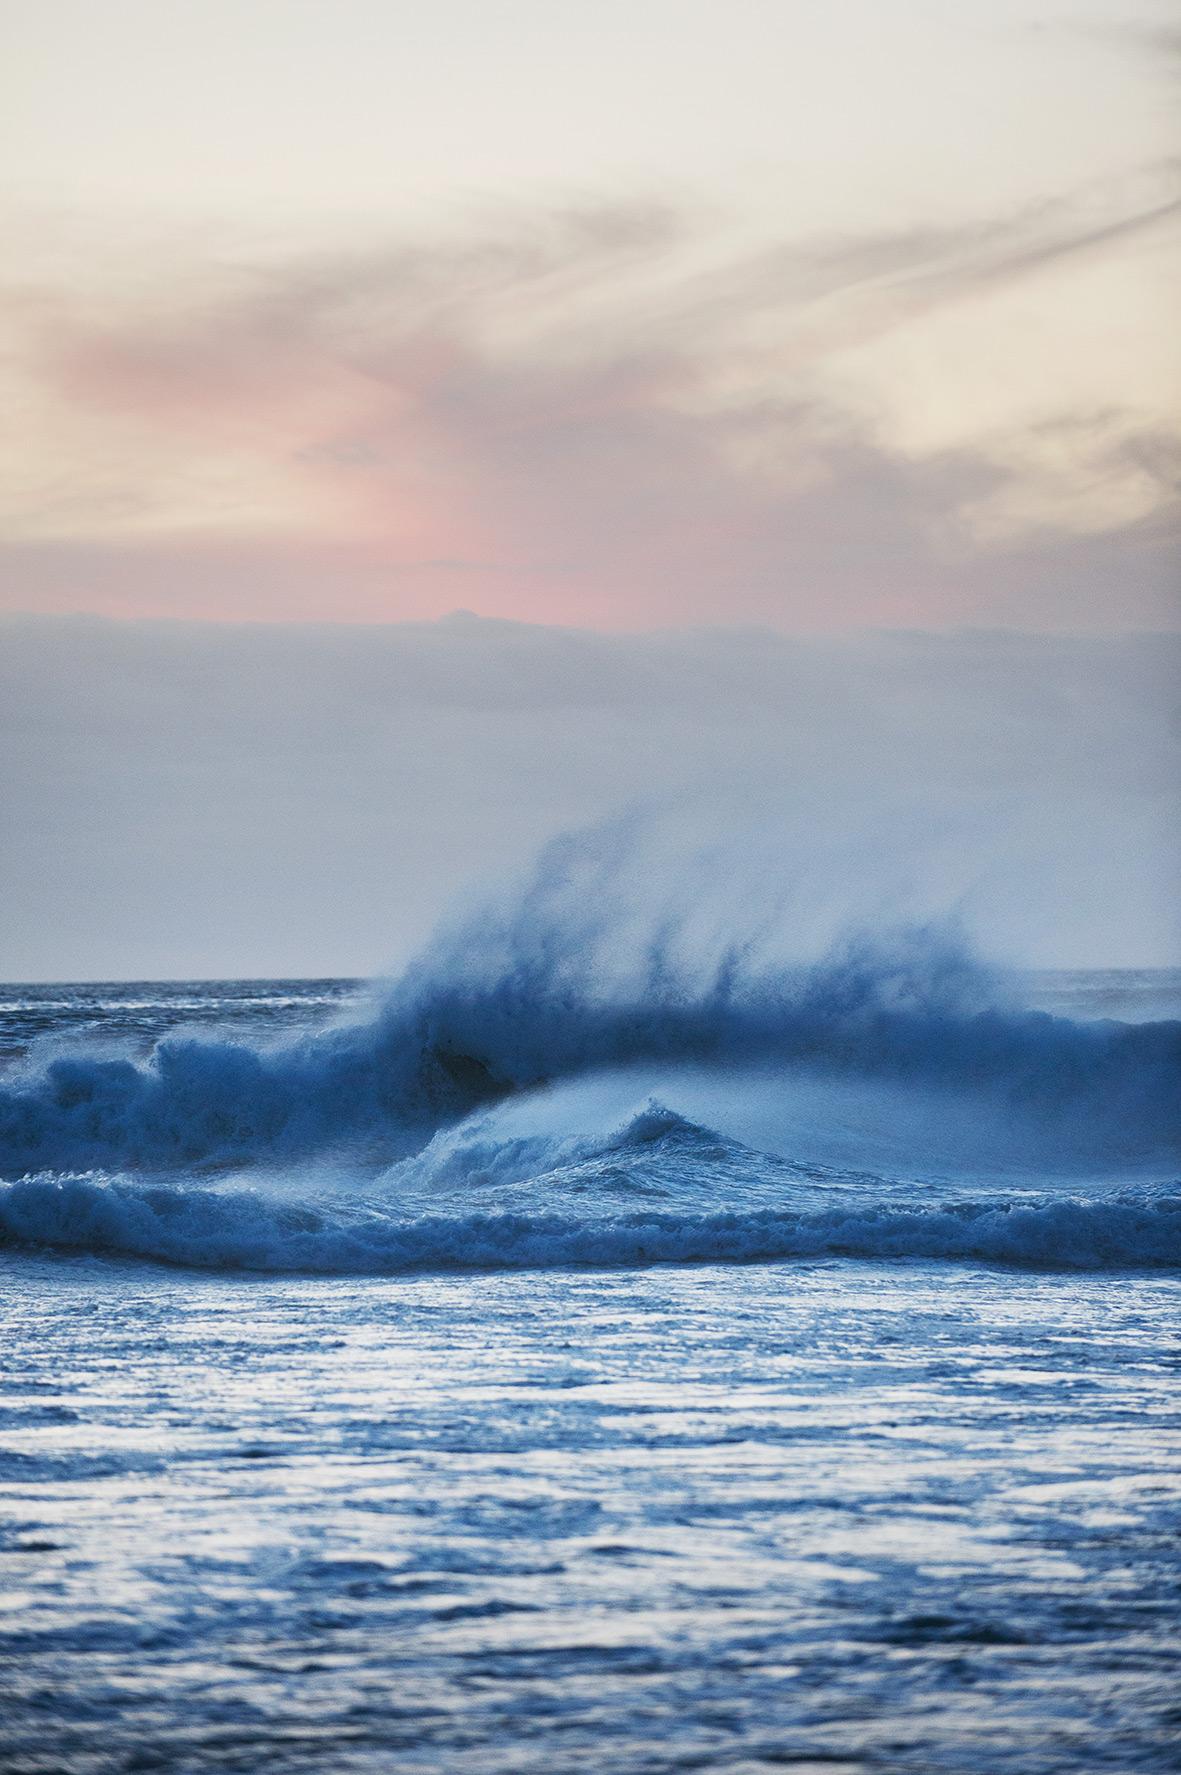 Die Wellen Südafrikas, Bild aus Afrika erhältlich im Onlineshop